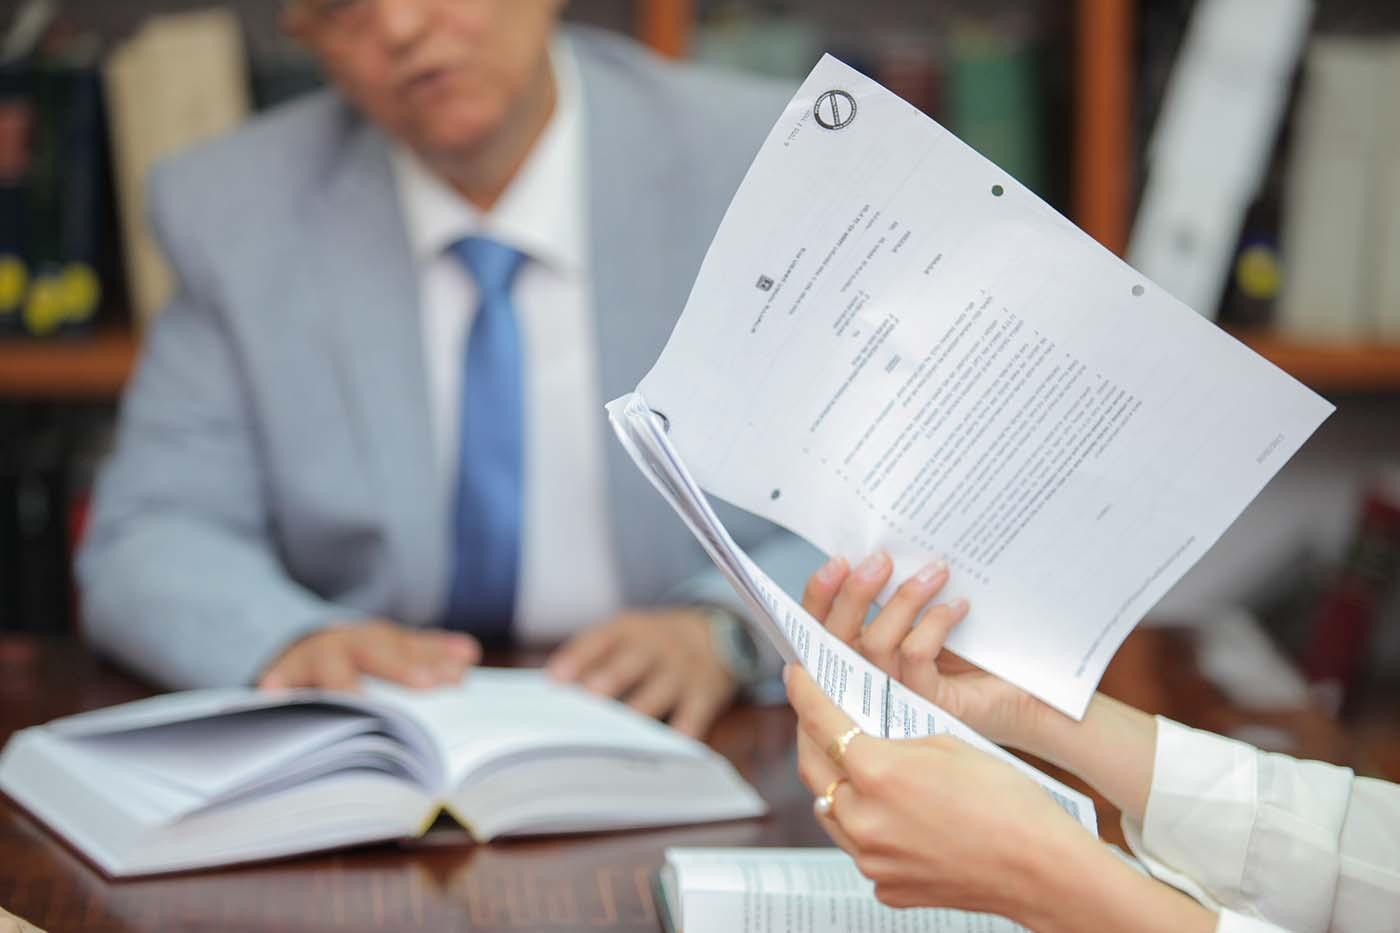 הנחיות משרד הכלכלה לוועדת ביקורת באגודה שיתופית